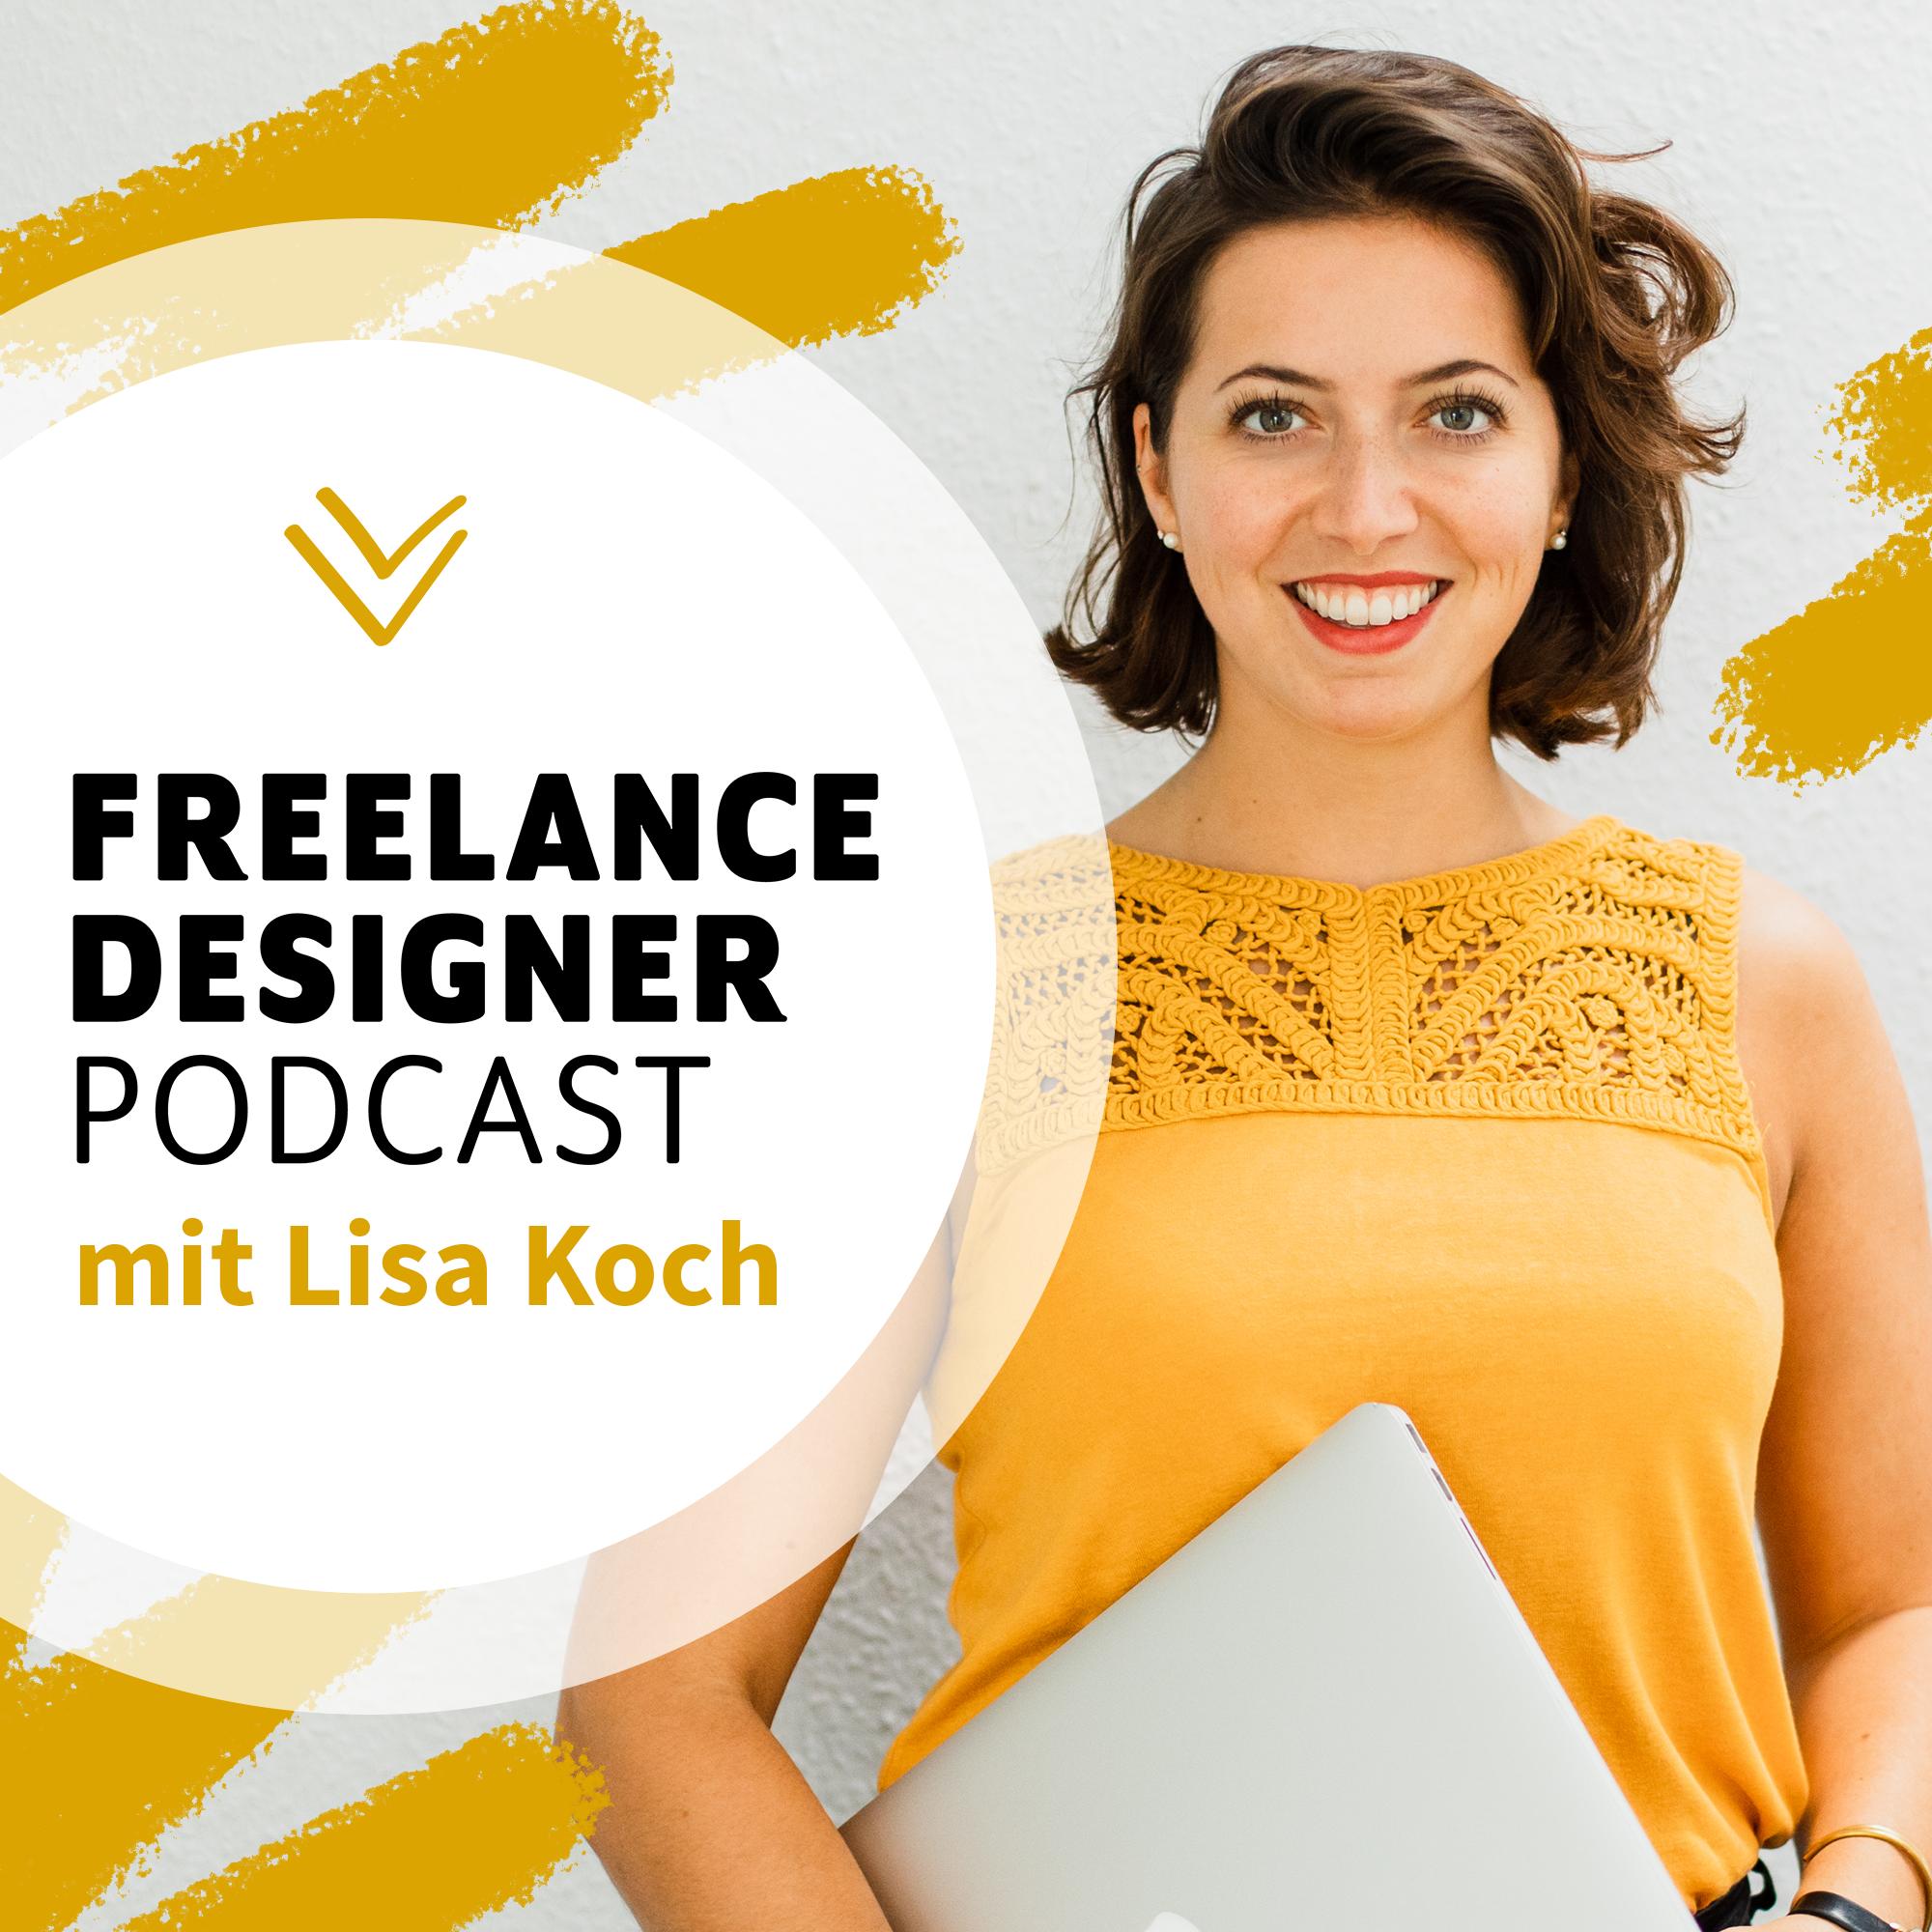 Freelance Designer Podcast – Erfolg in der Selbstständigkeit als Designer & Grafiker show art